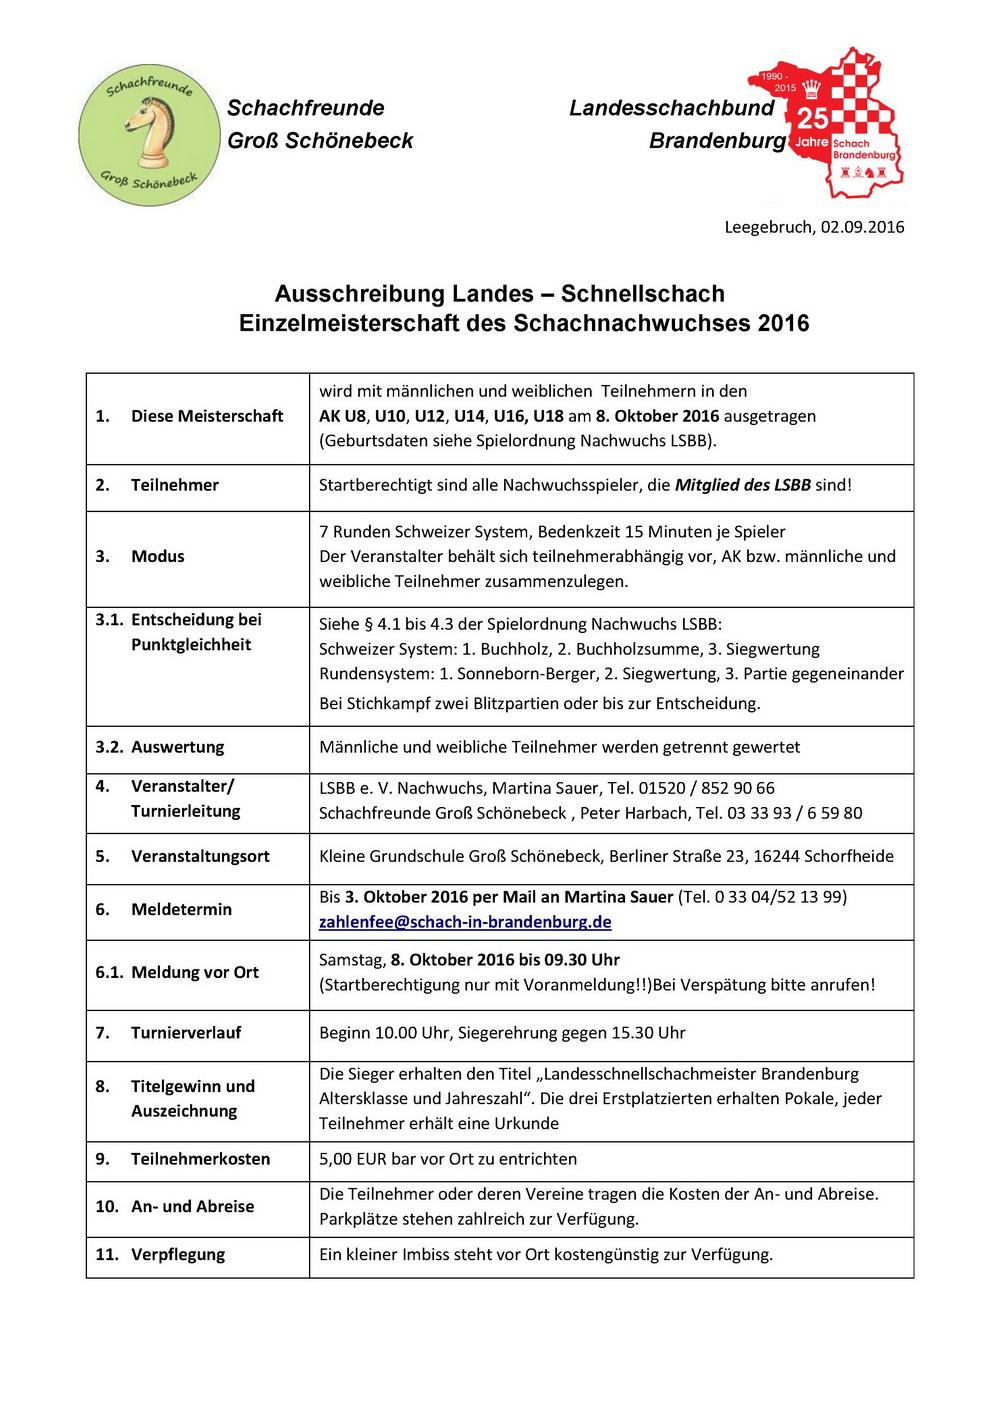 2016 LEM Schnellschach Ausschreibung